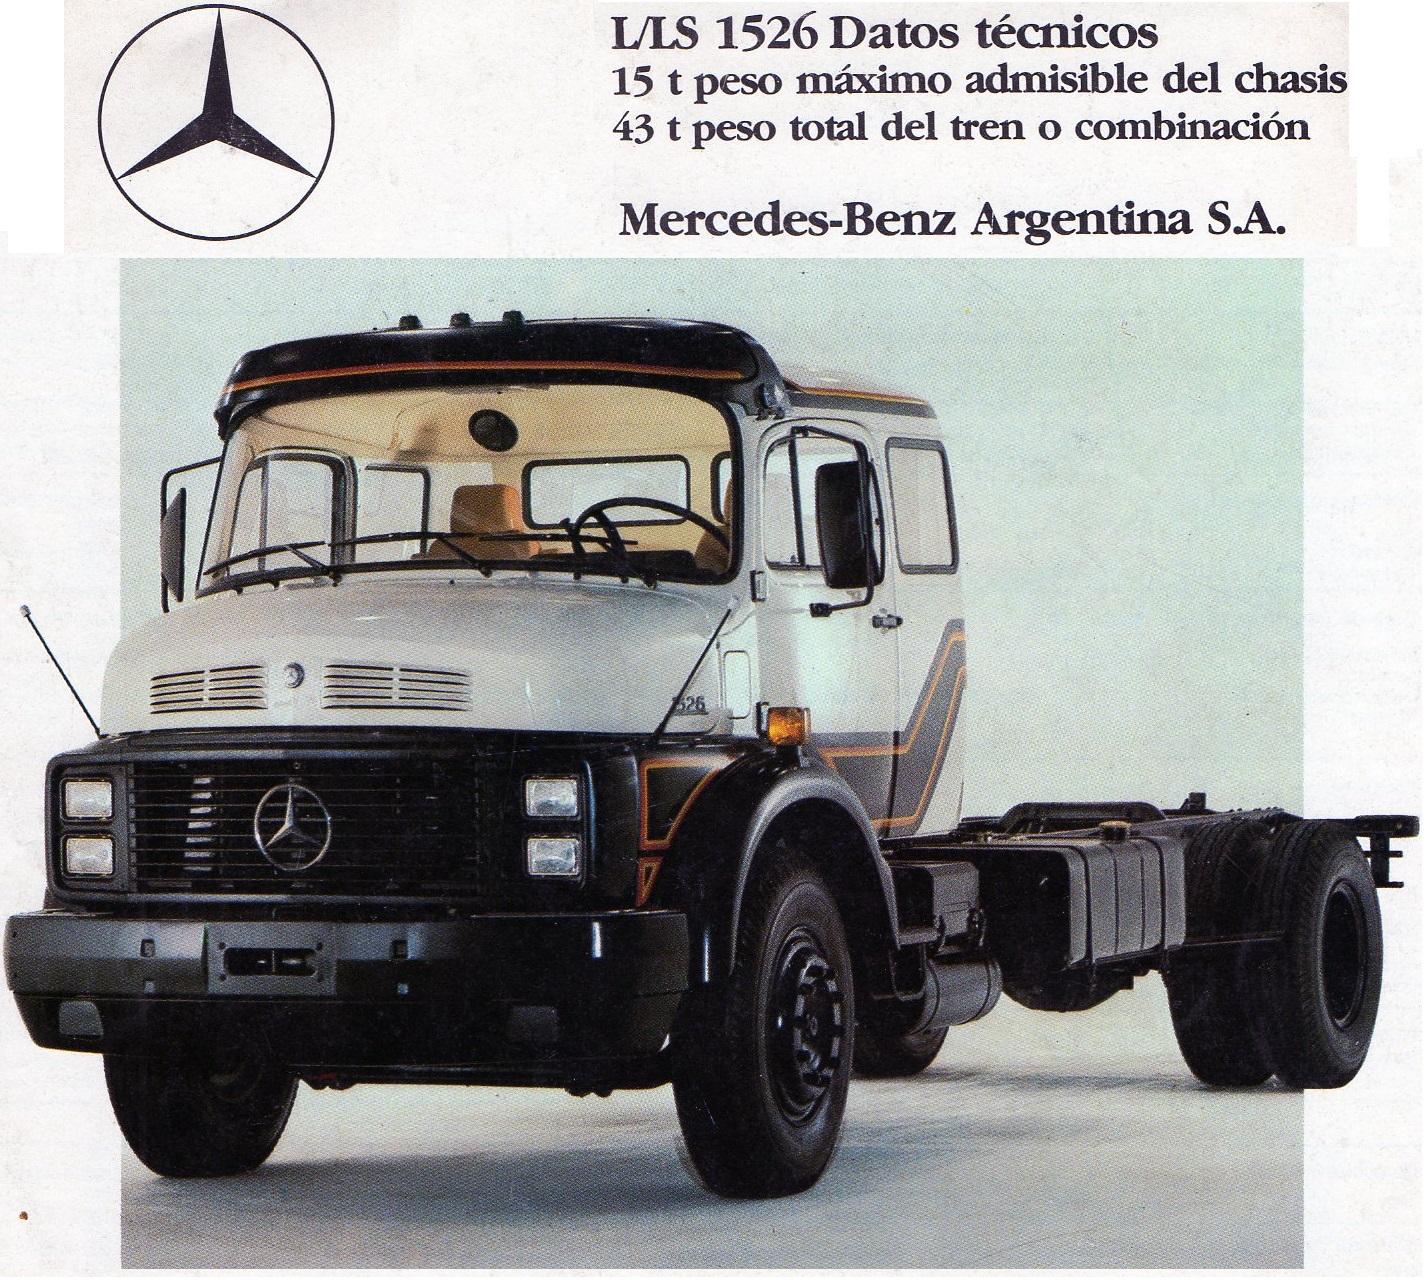 Camión Argentino: Mercedes-Benz L/LS 1526